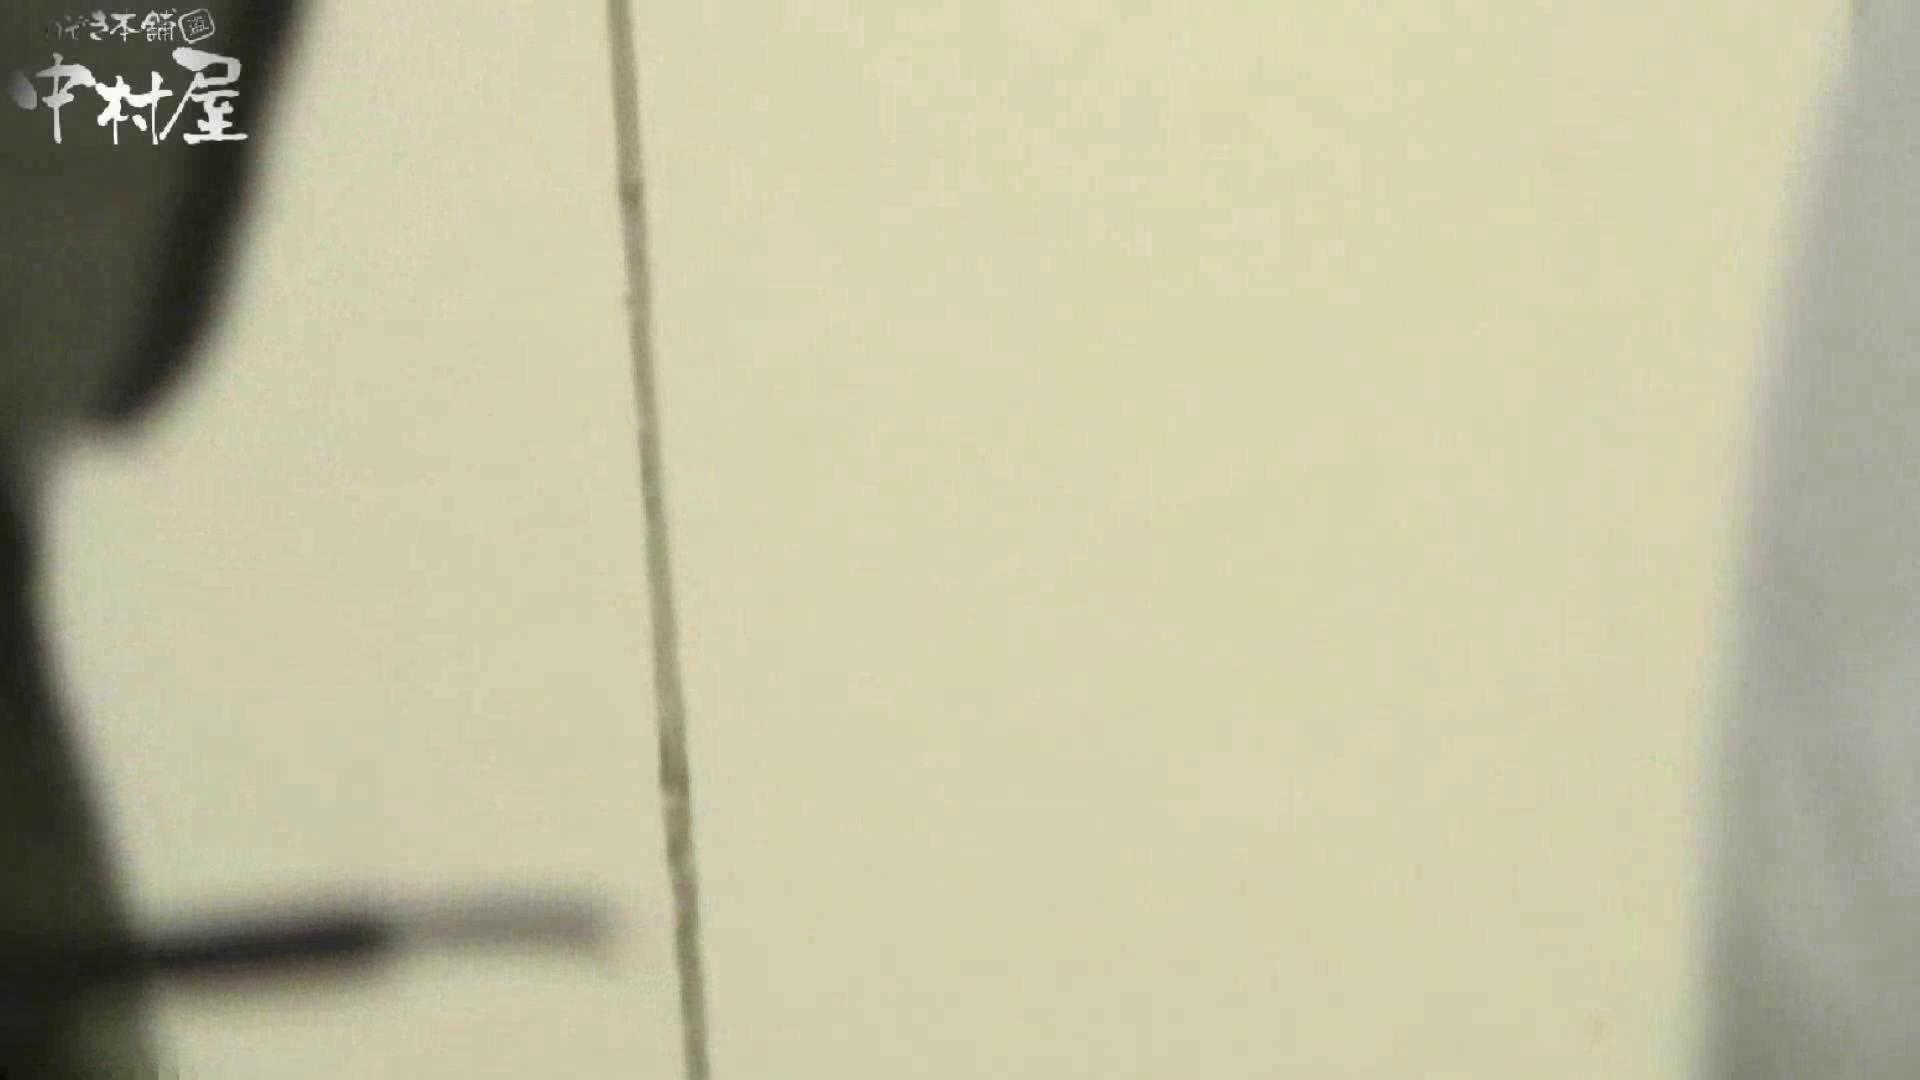 解禁!海の家4カメ洗面所vol.20 人気シリーズ すけべAV動画紹介 103PIX 71